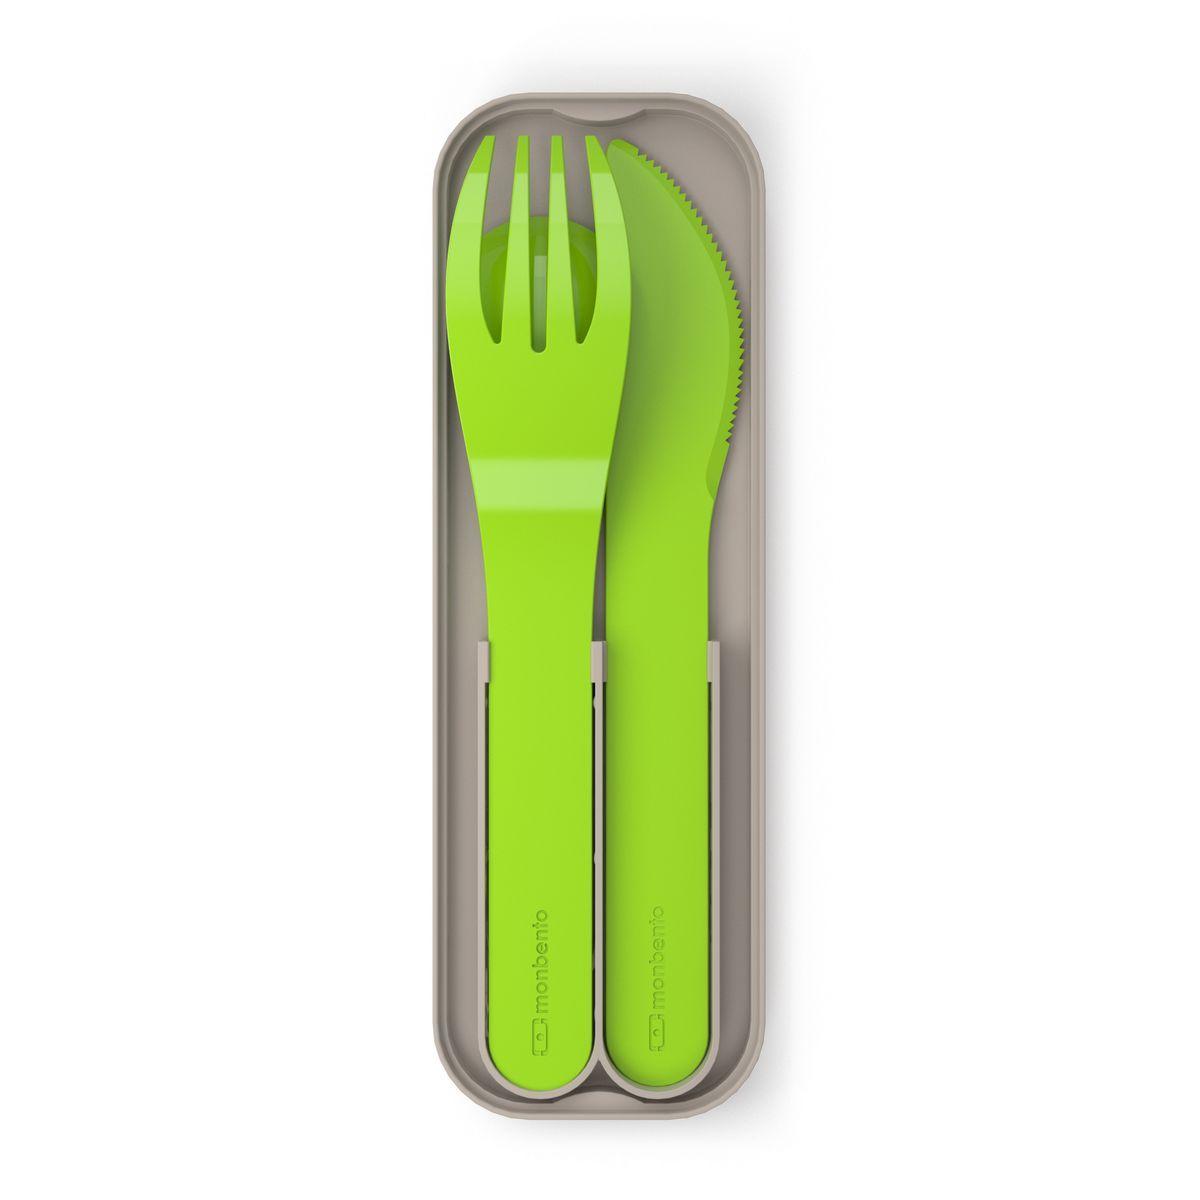 Набор столовых приборов Monbento Pocket, в футляре, цвет: зеленый, 4 предмета. 1007 02 011115510Набор столовых приборов Monbento Pocket состоит из ложки, вилки и ножа. Изделия выполнены из термопластика. Набор поставляется в компактном пластиковом футляре, который удобно носить с собой. Не важно, собираетесь ли вы в поездку или обедаете на рабочем месте - набор Monbento Pocket подойдет для любого случая. Набор соответствует размерам крышки ланч-боксов Monbento. Вы сможете легко зафиксировать столовые приборы для удобной переноски. Столовые приборы можно мыть в посудомоечной машине.Длина вилки/ножа: 14 см. Размер рабочей части вилки: 4 х 2,5 см.длина лезвия ножа: 4,5 см.Длина ложки: 11,5 см. Размер рабочей части ложки: 3,5 х 2,5 см.Размер футляра: 14,5 х 4,5 х 1,5 см.